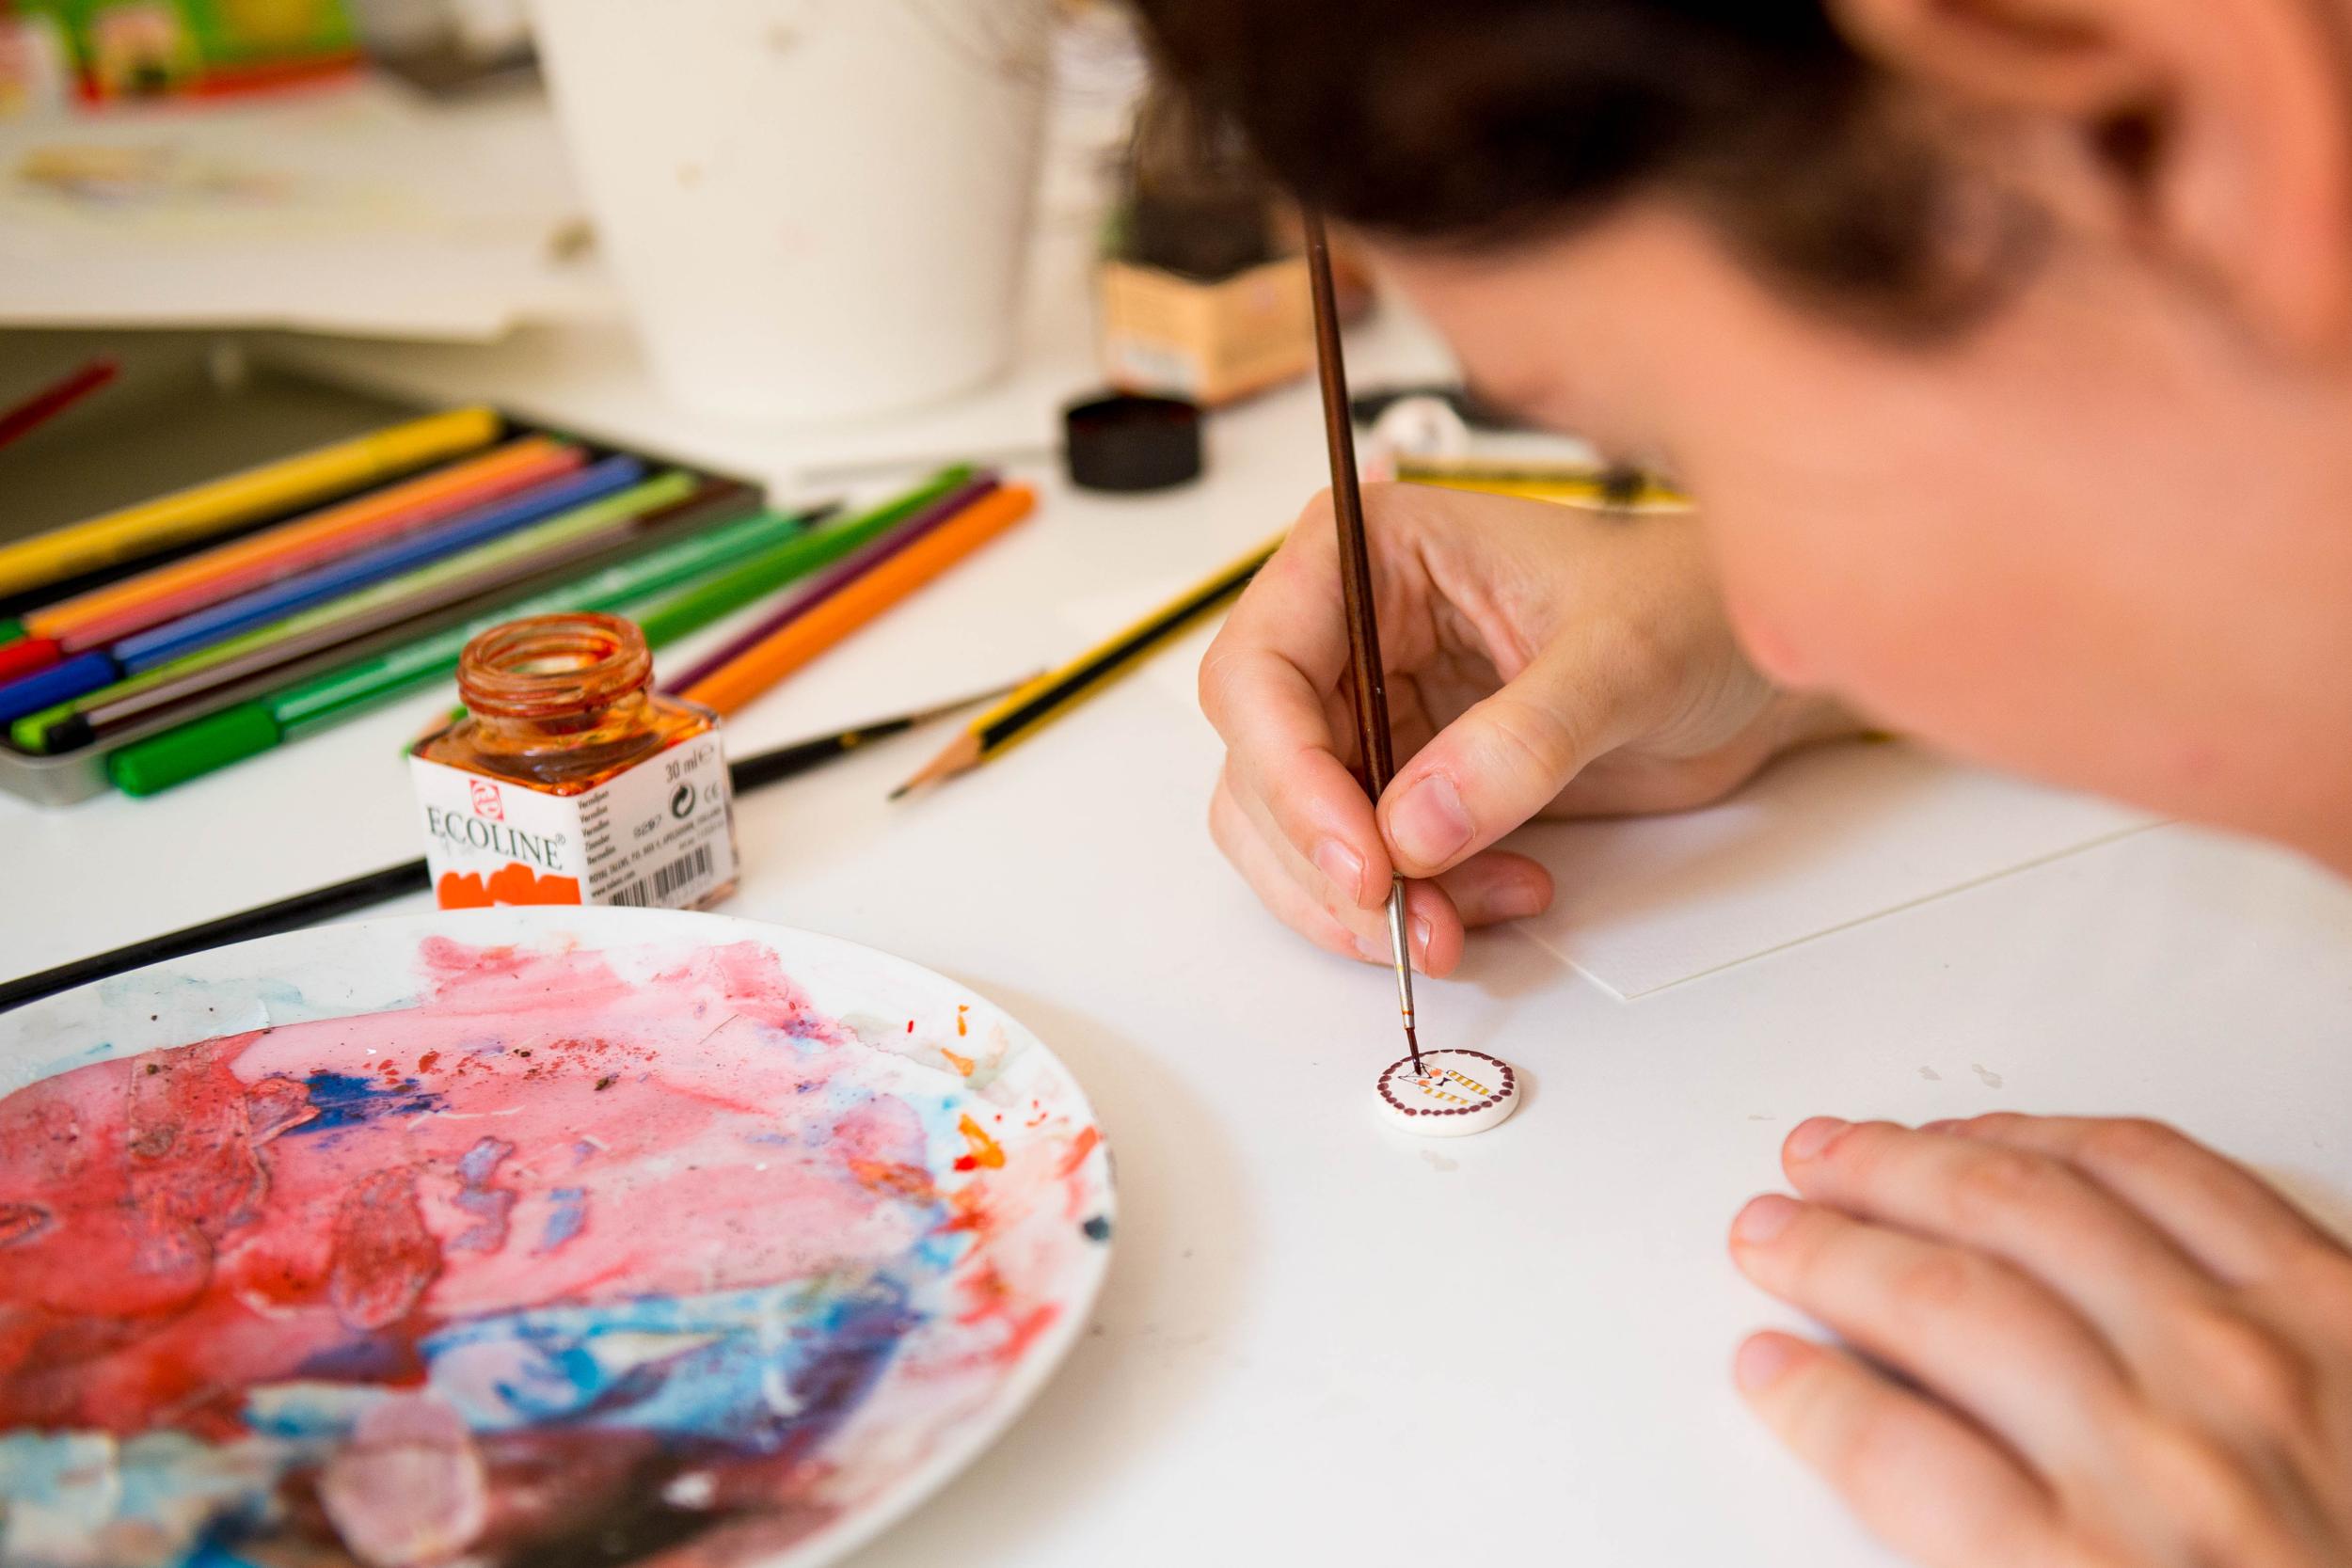 - Carmen en Marina illustreren en maken juwelen van keramiek. Met hun magische handen maken ze miniatuurschilderijtjes op keramiek en boetseren ze masterpieces. Galerie Magiek geeft deze dames graag een exclusieve pied-à-terre in Brugge.